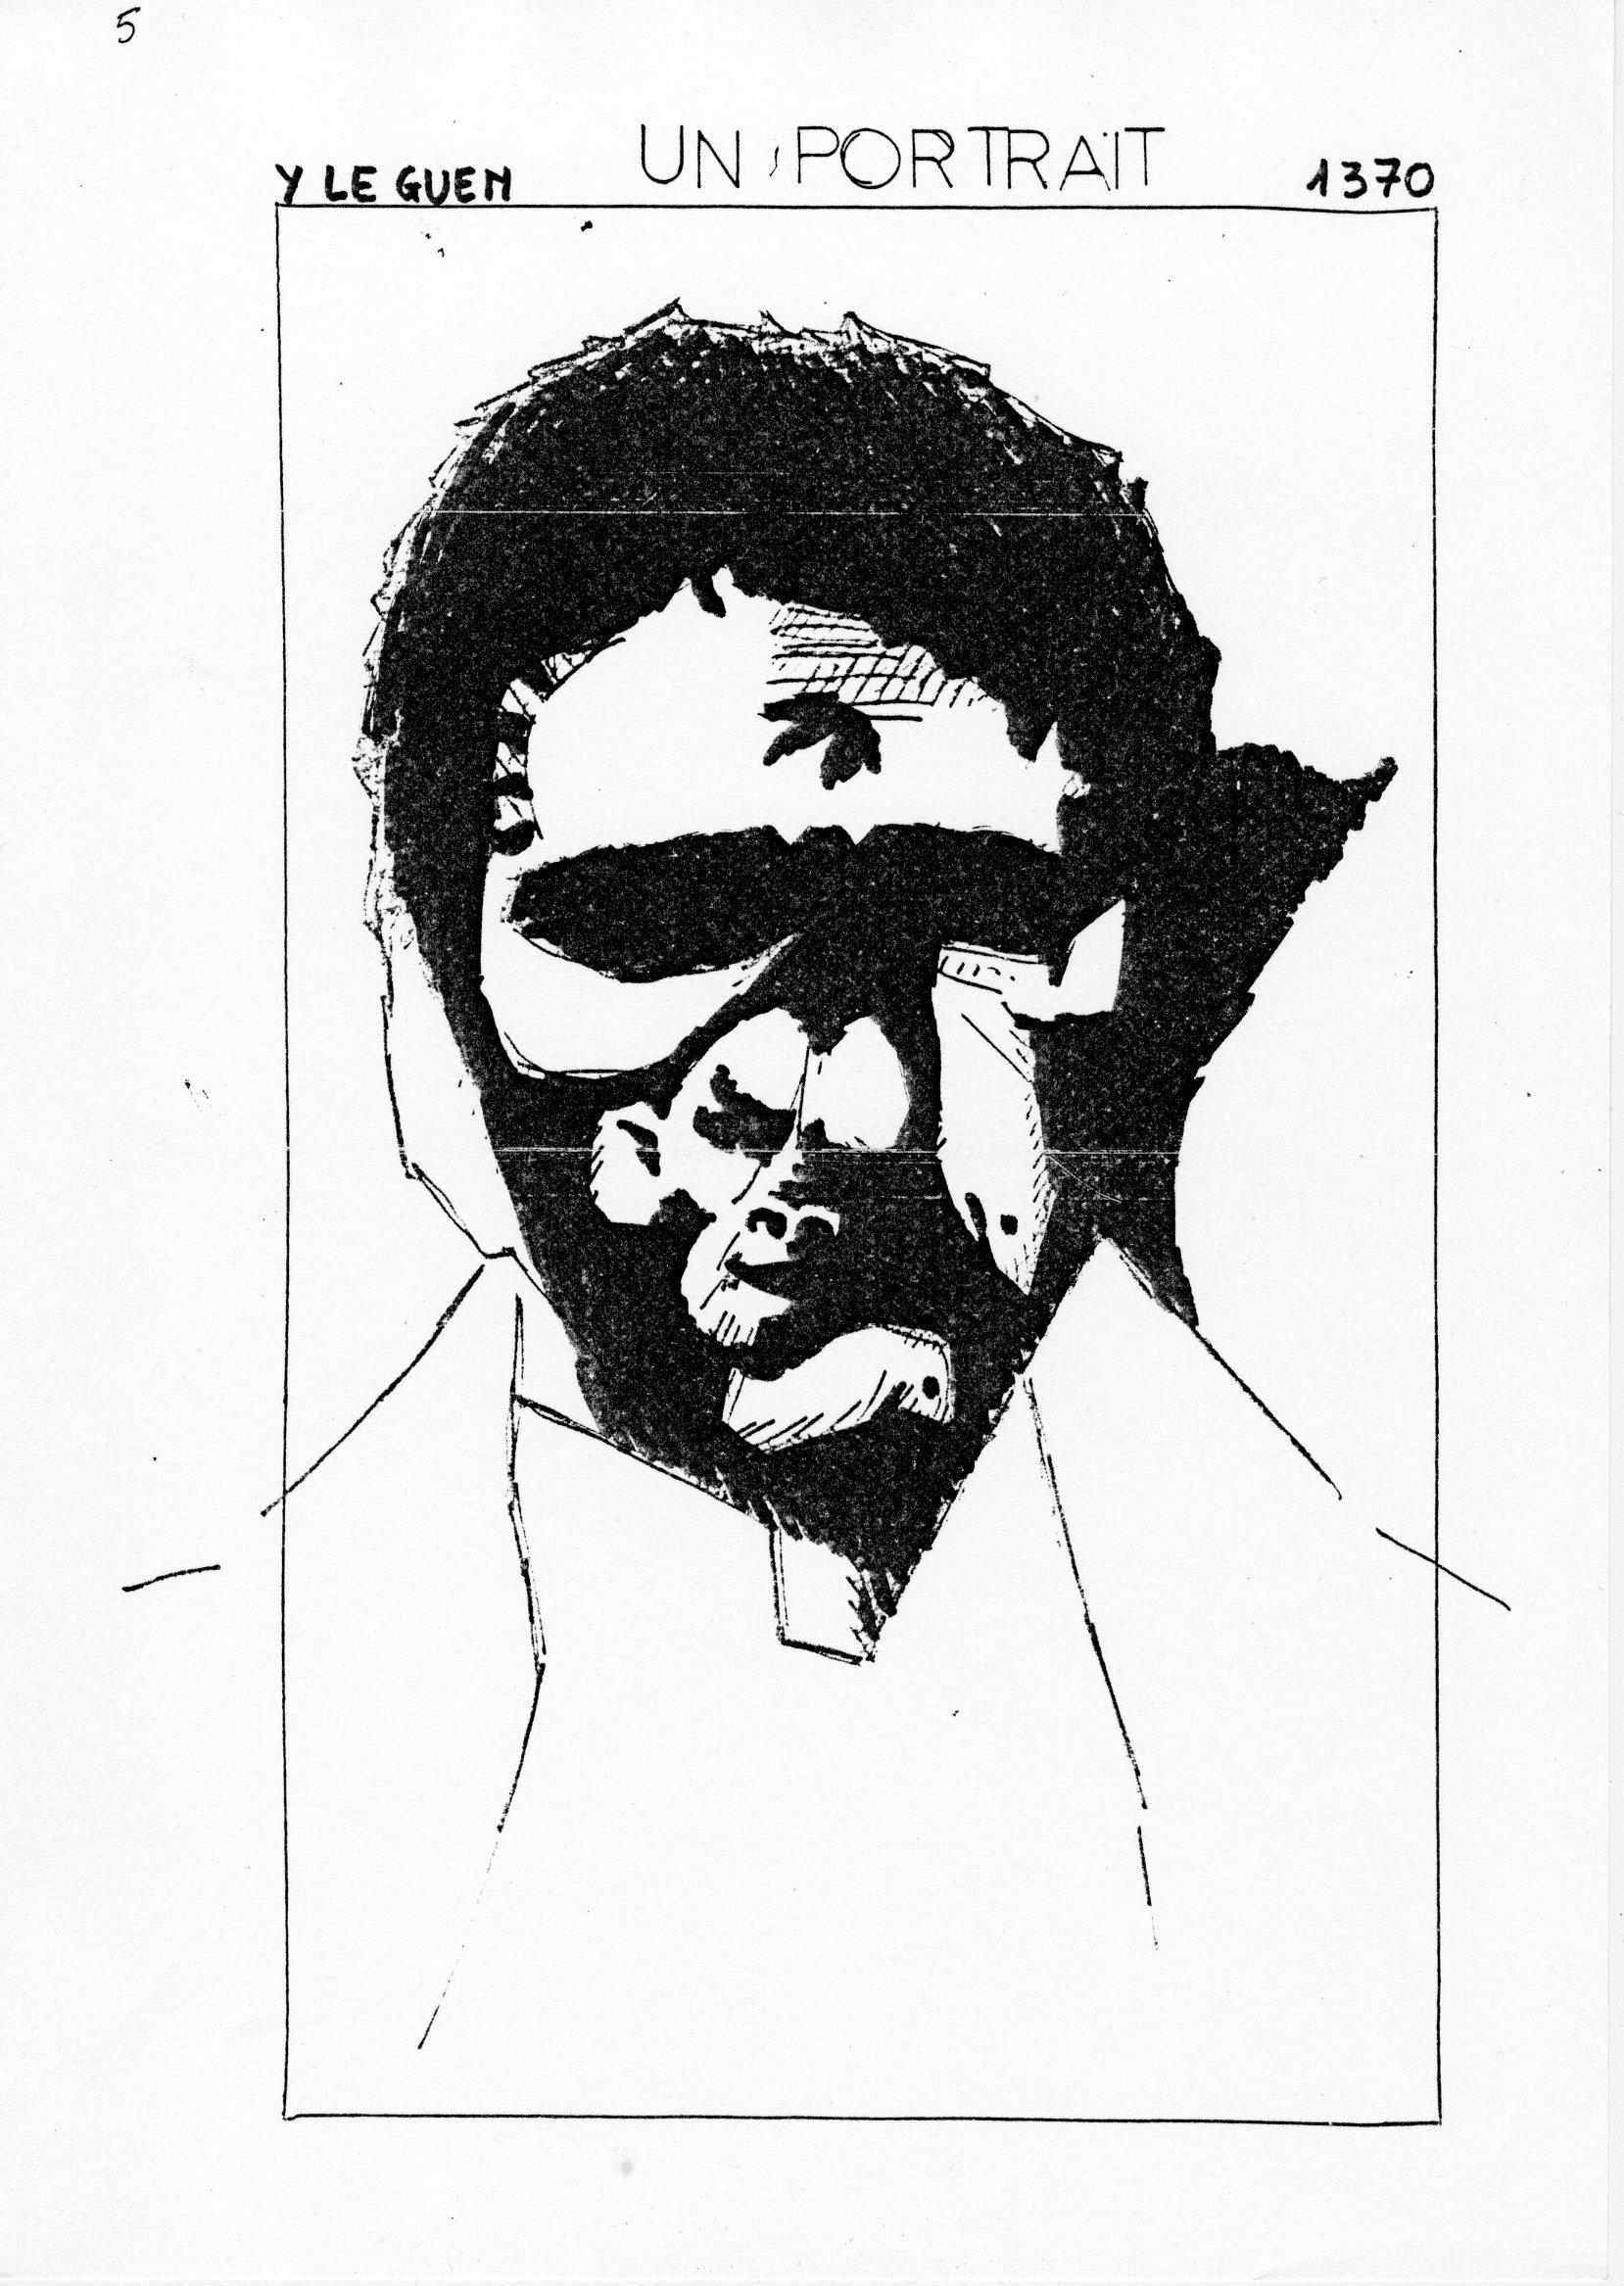 page 1370 Y. Leguen UN PORTRAIT